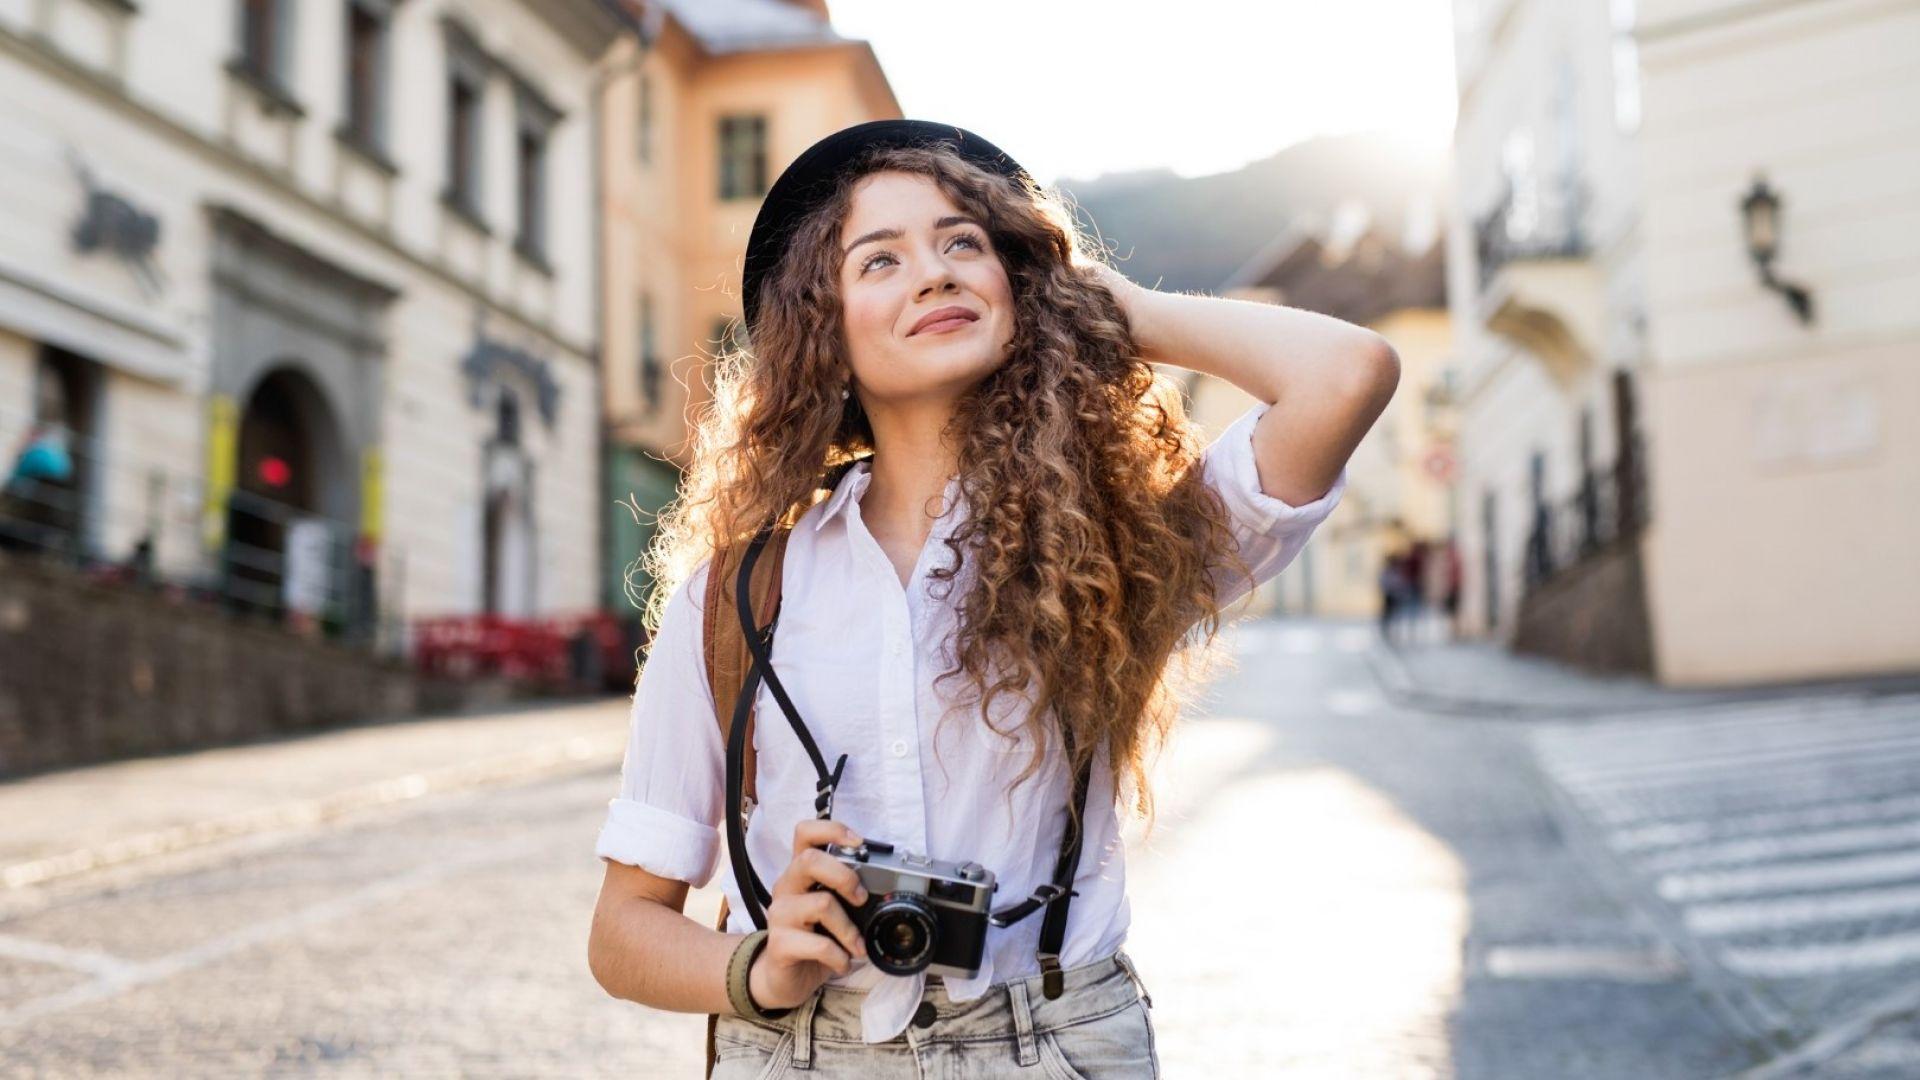 Над 1.5 млн. чужденци посетили България през август: 40% от тях са минали транзит